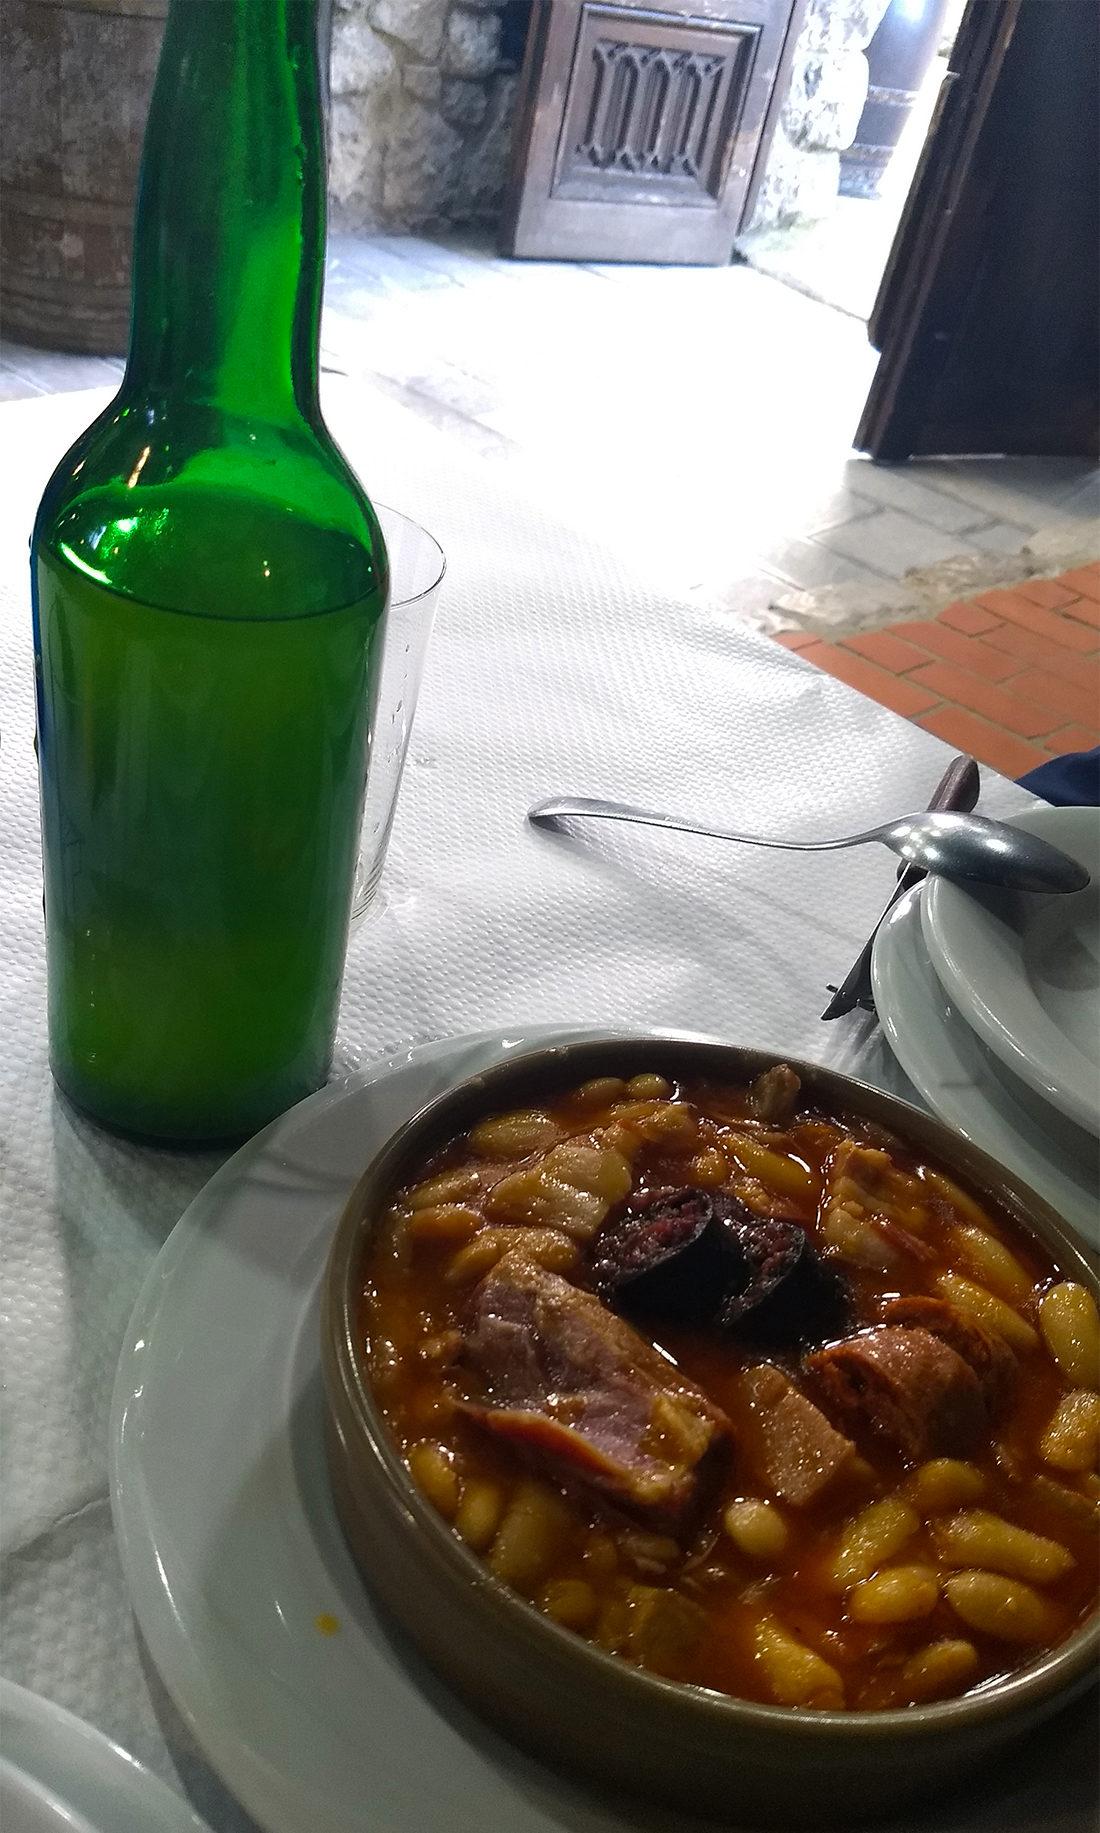 Fabada y botella de sidra en Casa Poli.